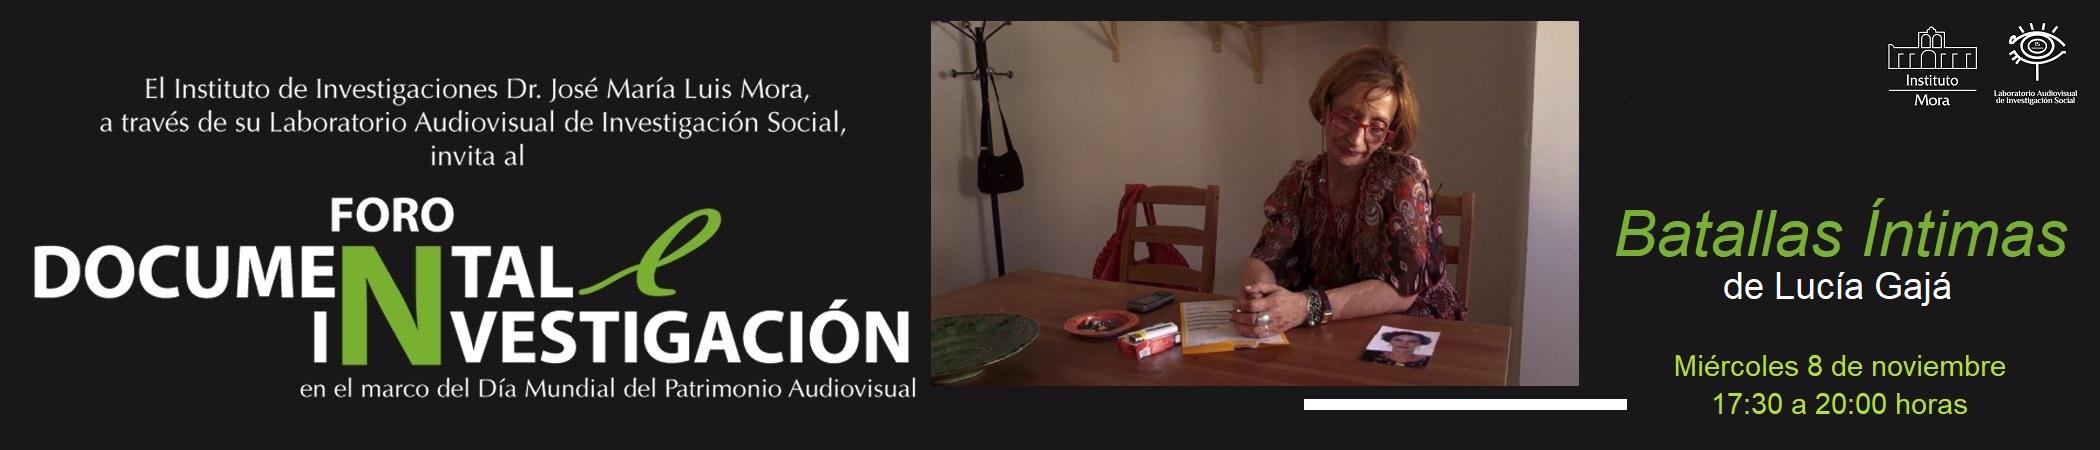 Foro sobre Documental e Investigación presenta: Batallas Íntimas